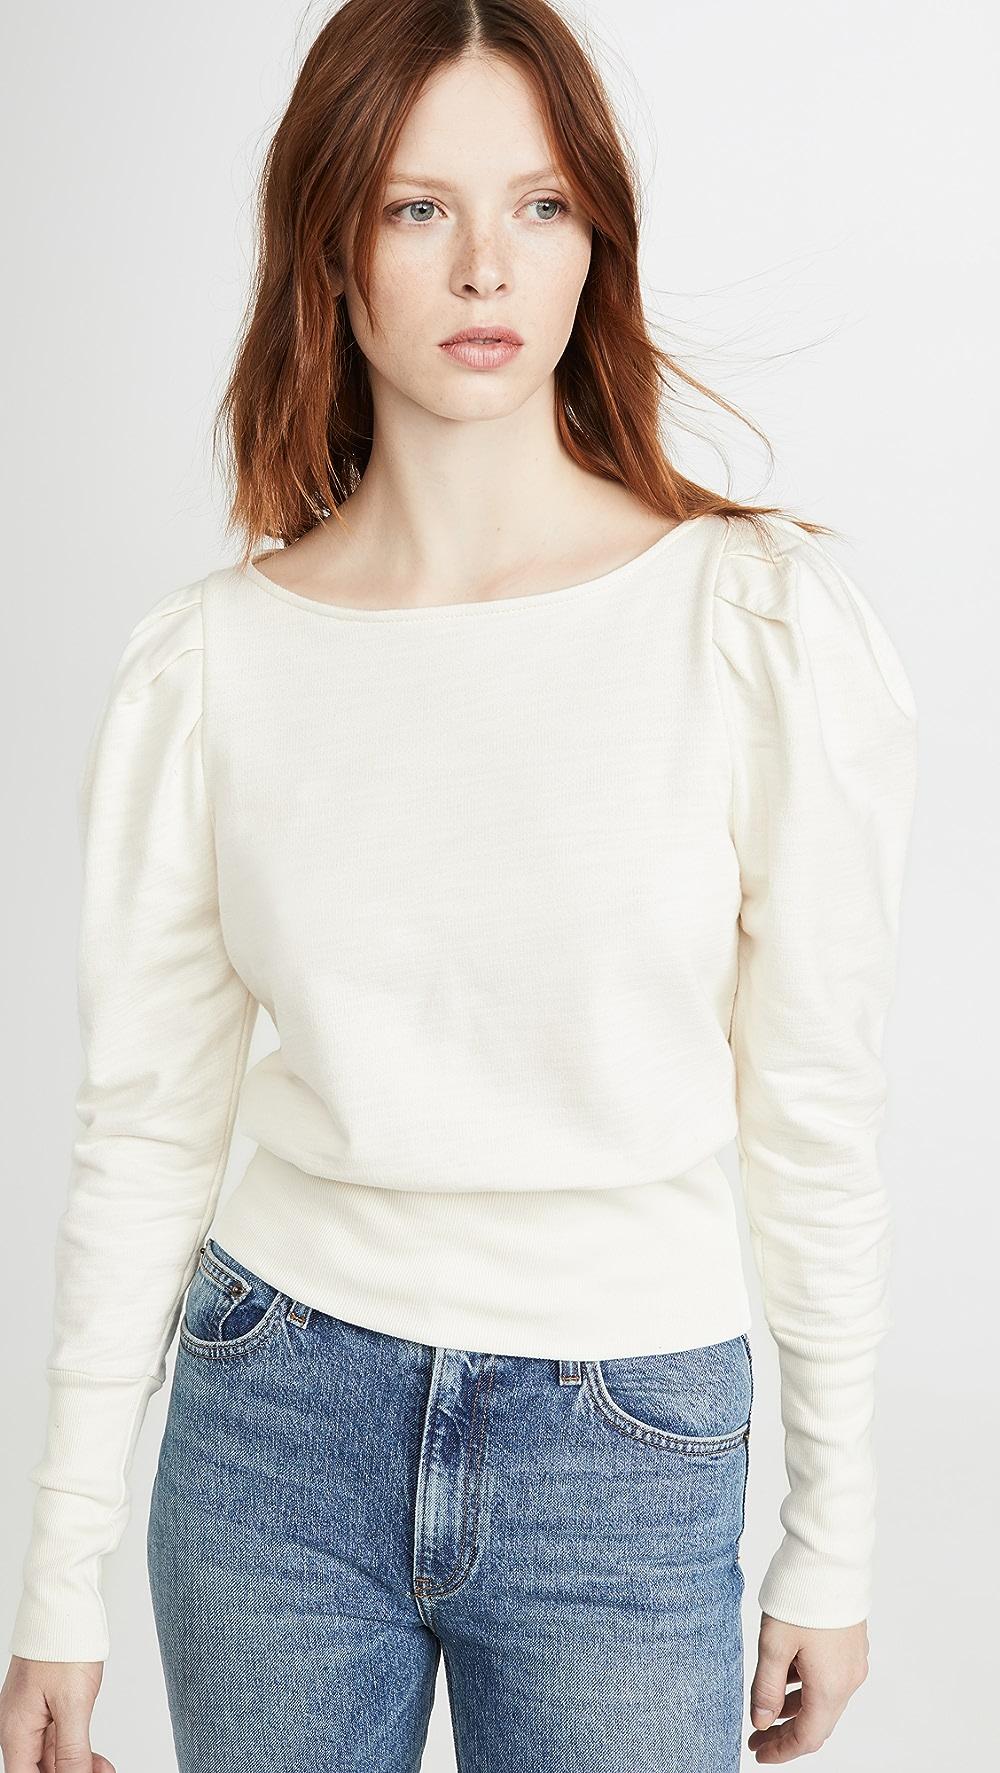 Diligent Ag - Walker Puff Sleeve Sweatshirt Choice Materials